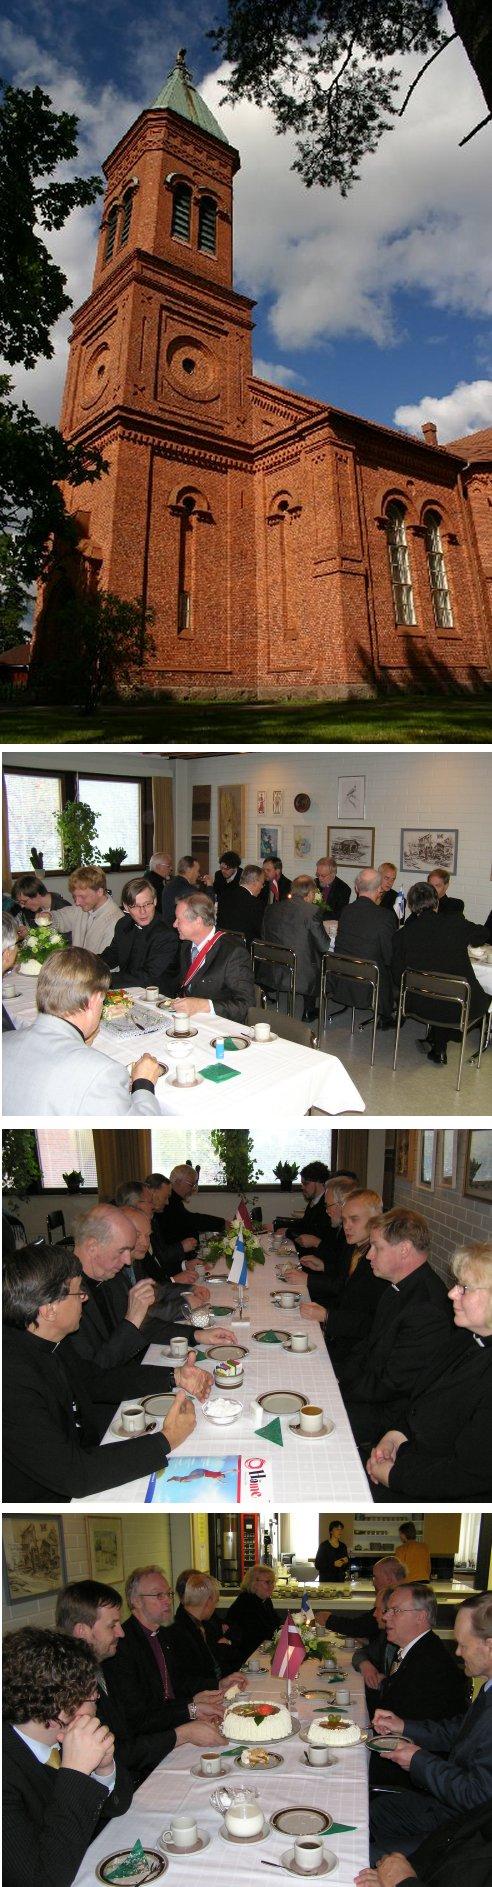 Lopen seurakunnassa suoritetaan piispantarkastus tänä viikonloppuna. Tampereen hiippakunnan piispa, Lopellakin aikanaan pappina työskennellyt , Juha Pihkala vieraili seurueensa kanssa kuntamme vieraina perjantai-iltapäivänä. Mukana seurueessa oli myös Latvian arkkipiispa Janis Vanags.